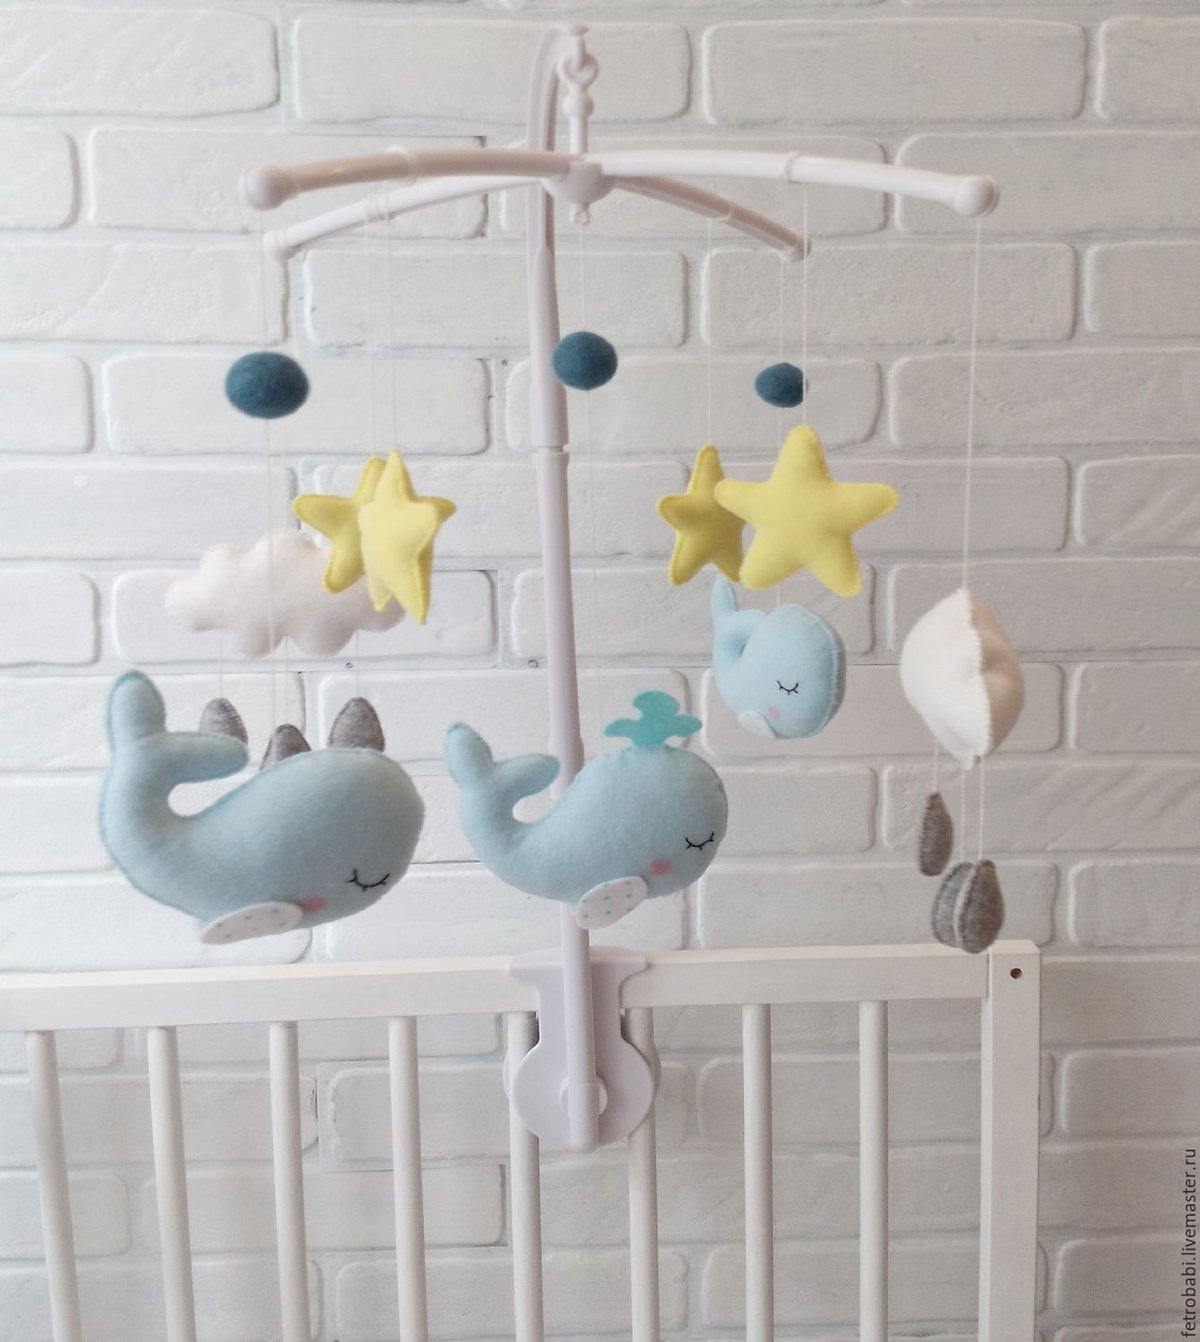 Мобиль на кроватку для новорожденных своими руками: из фетра, вязаных игрушек, бумаги, искусственных цветов.